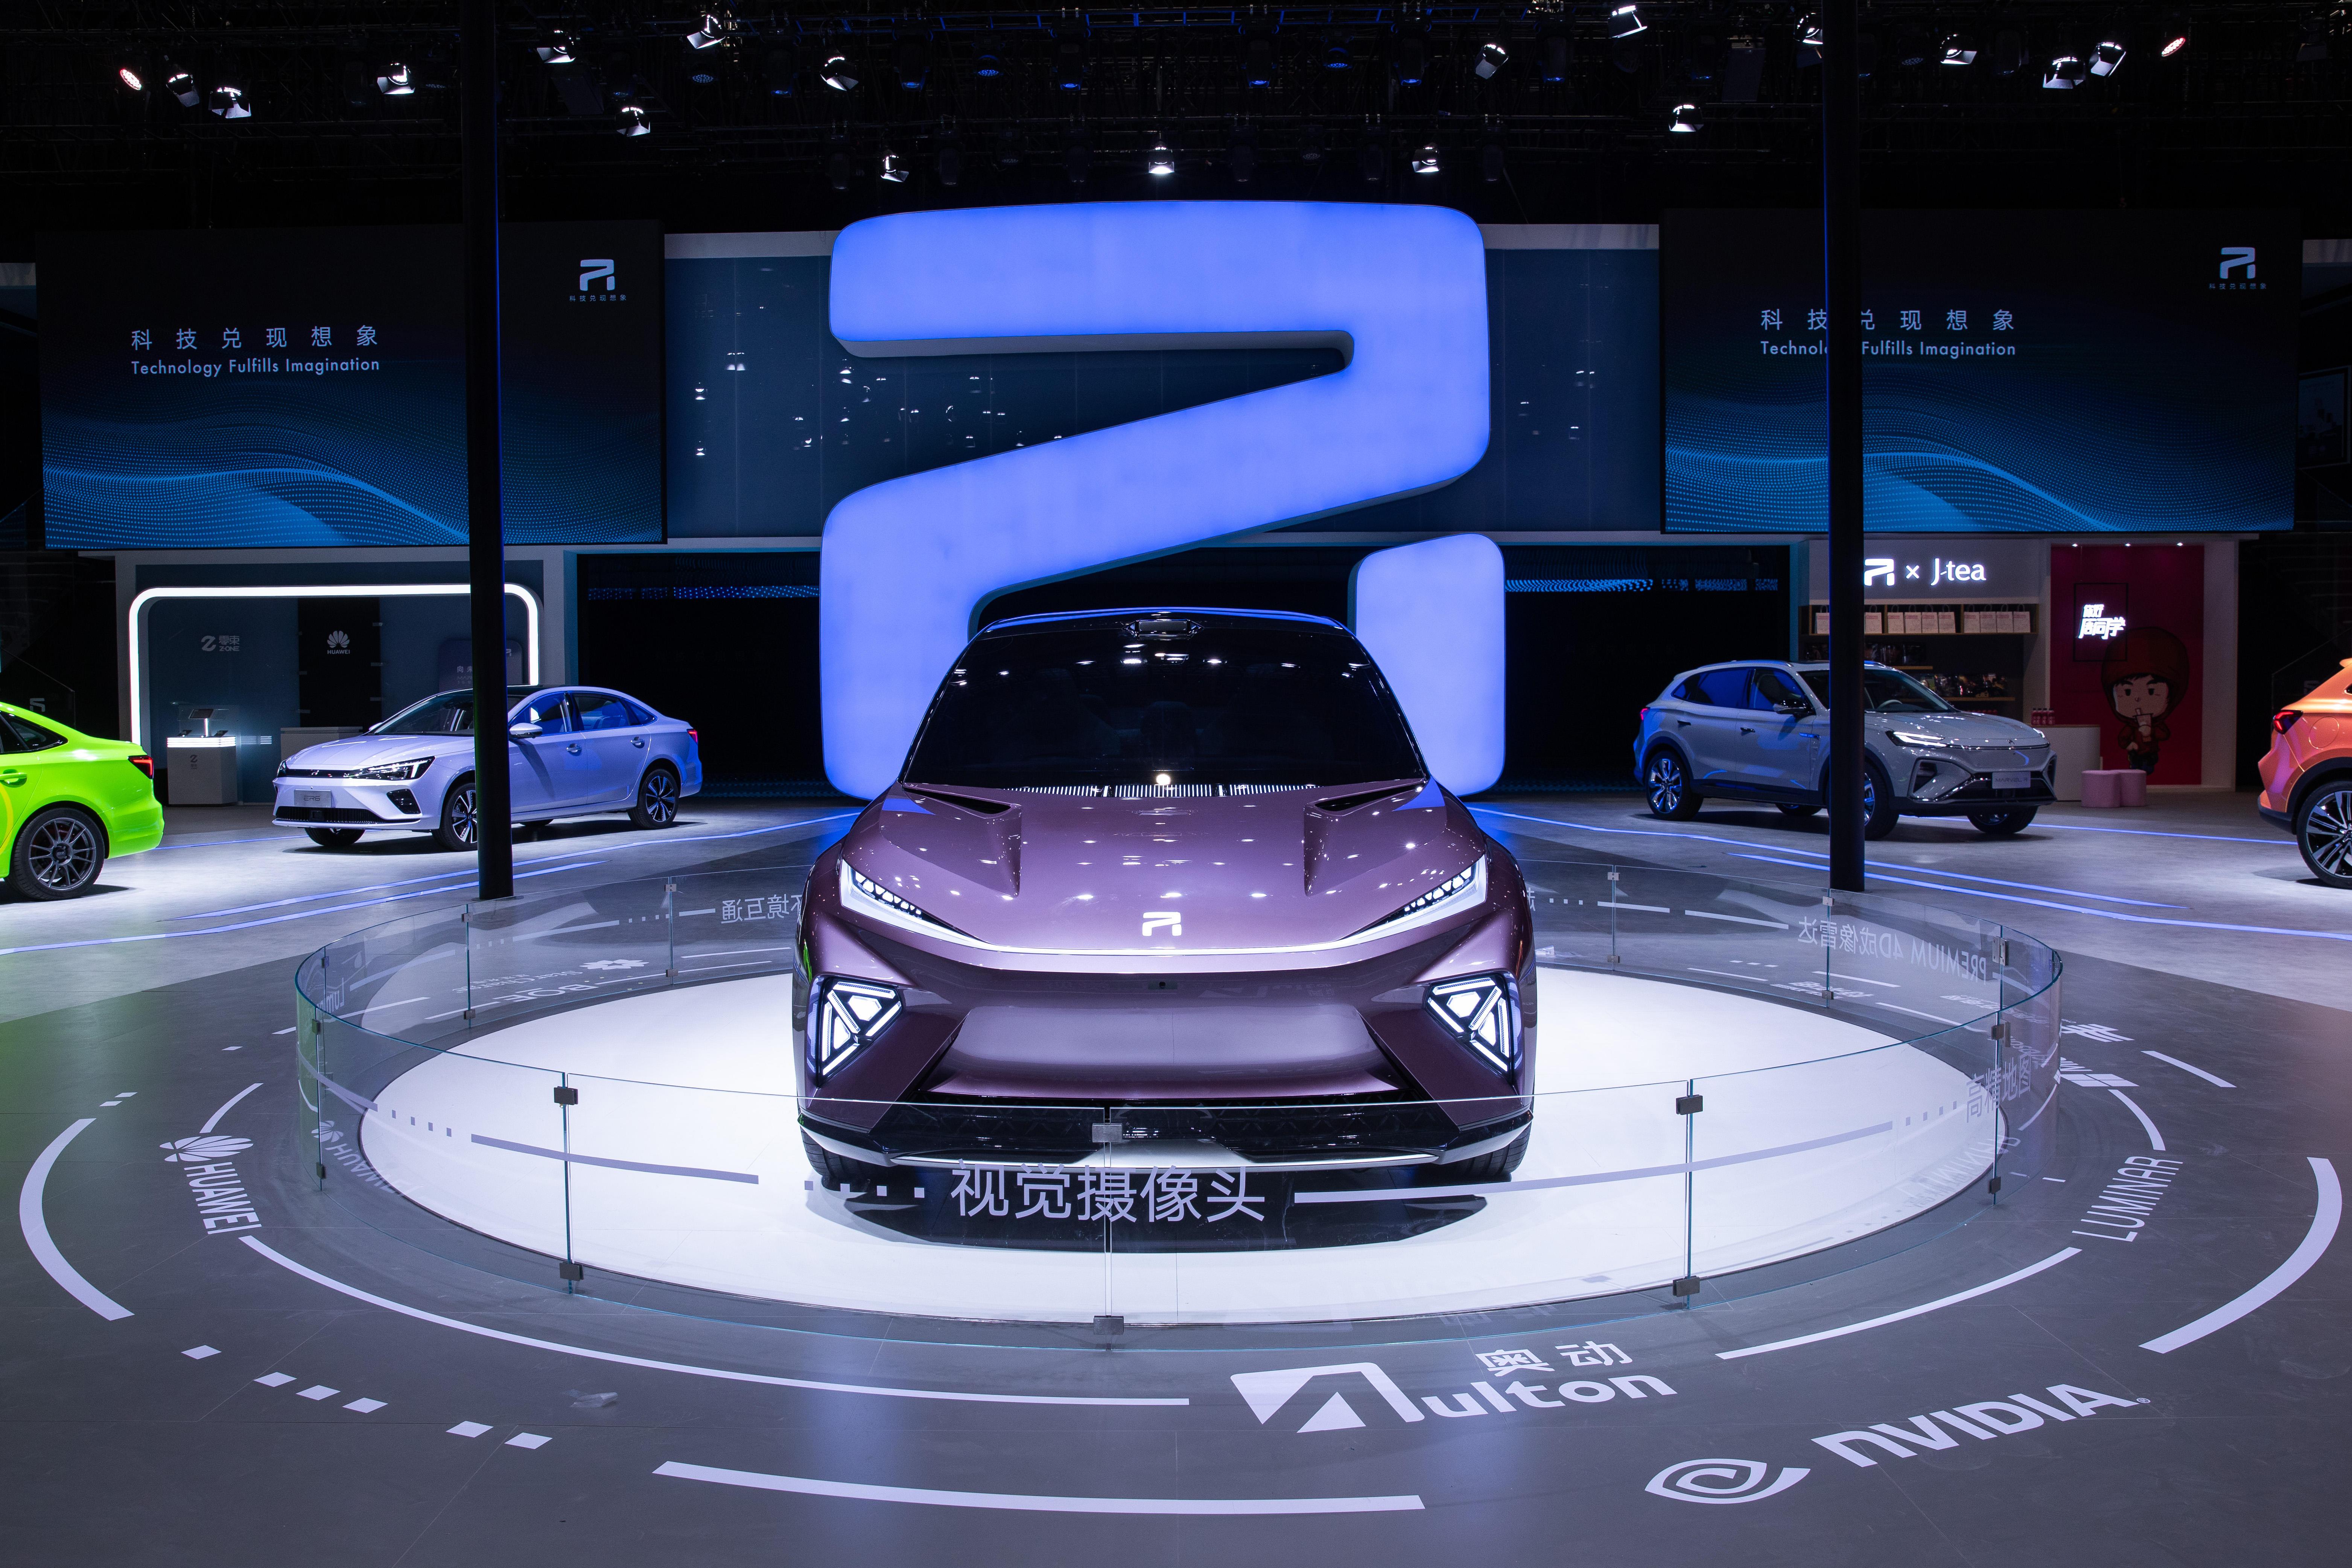 卖一辆赔一辆 新能源汽车离盈利还有多远?